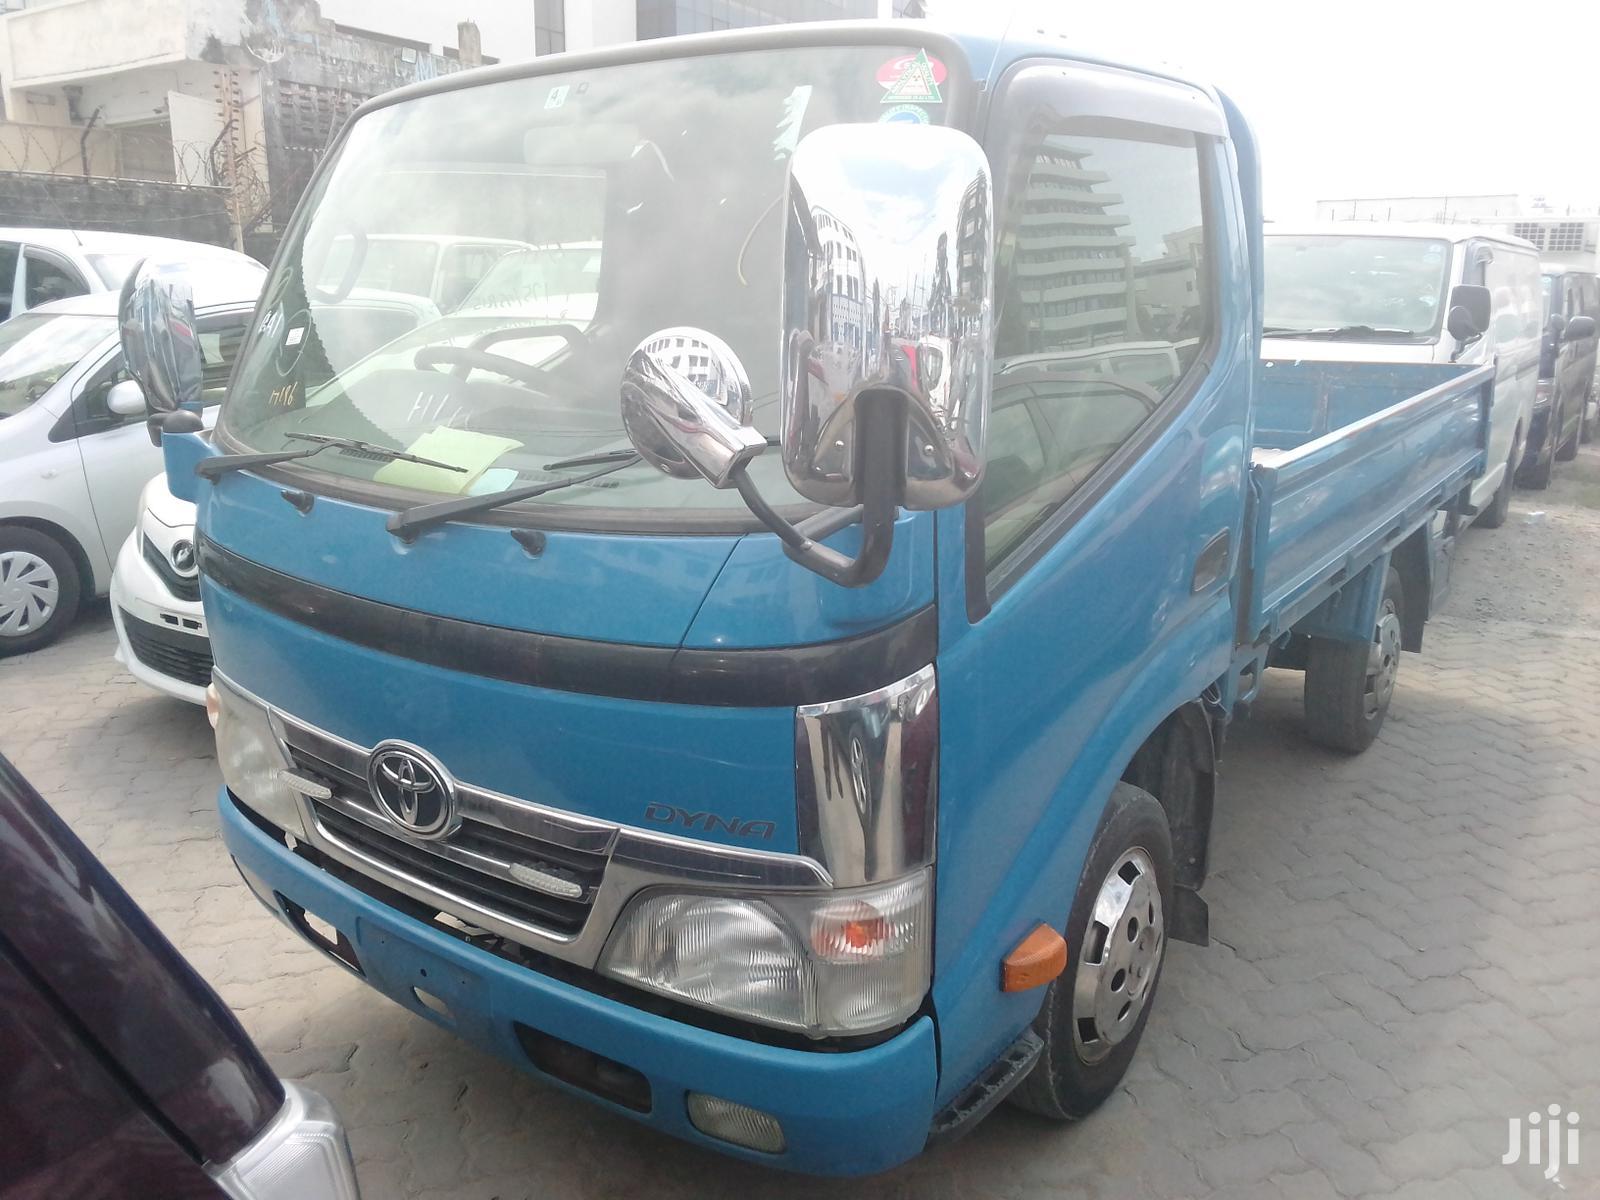 New Toyota Dyna 2012 Blue